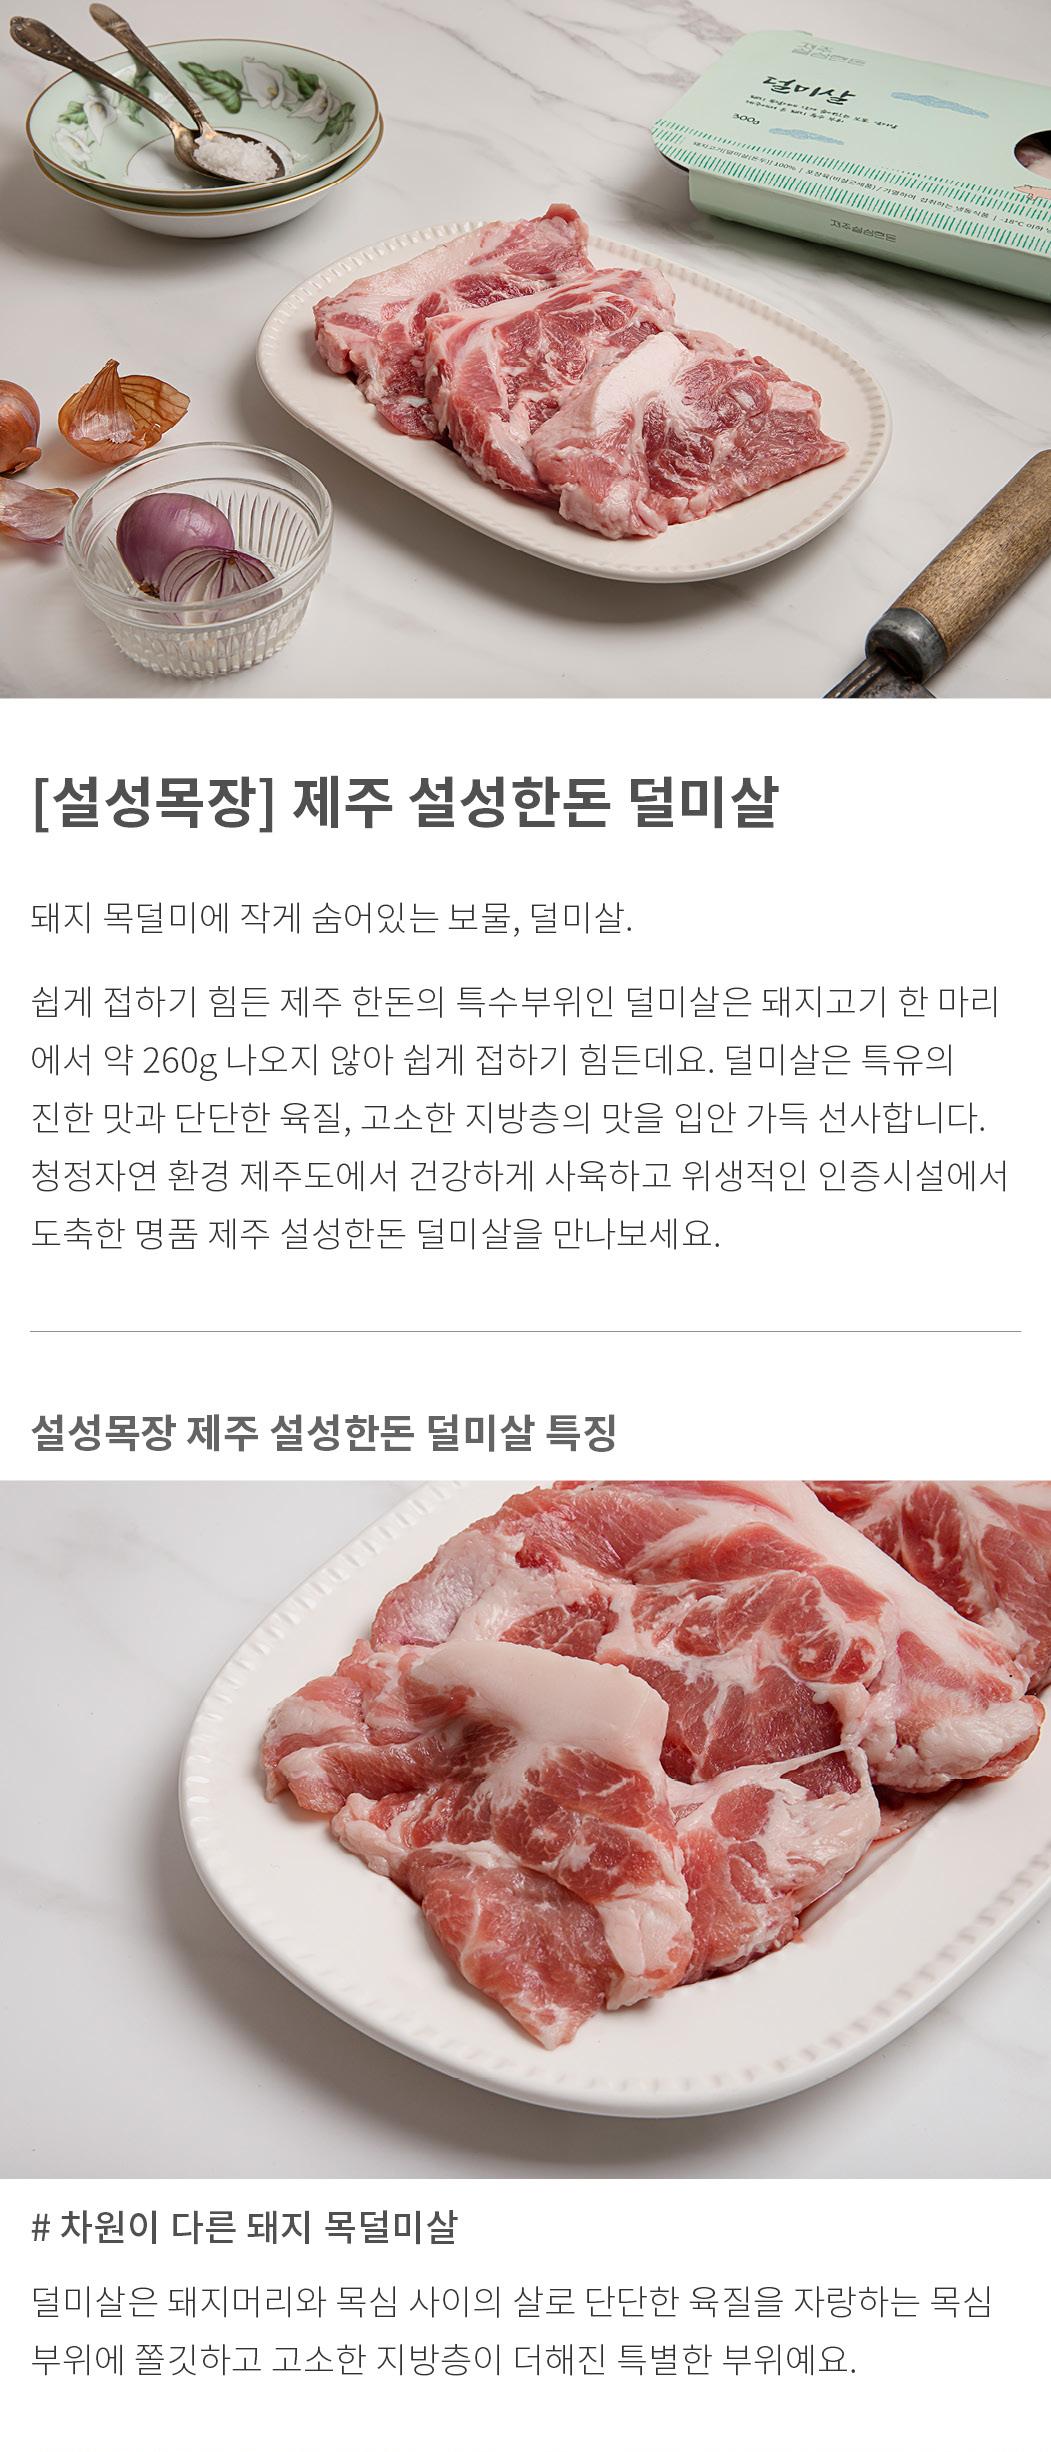 200326_제주-설성한돈-덜미살-상세페이지_01.jpg